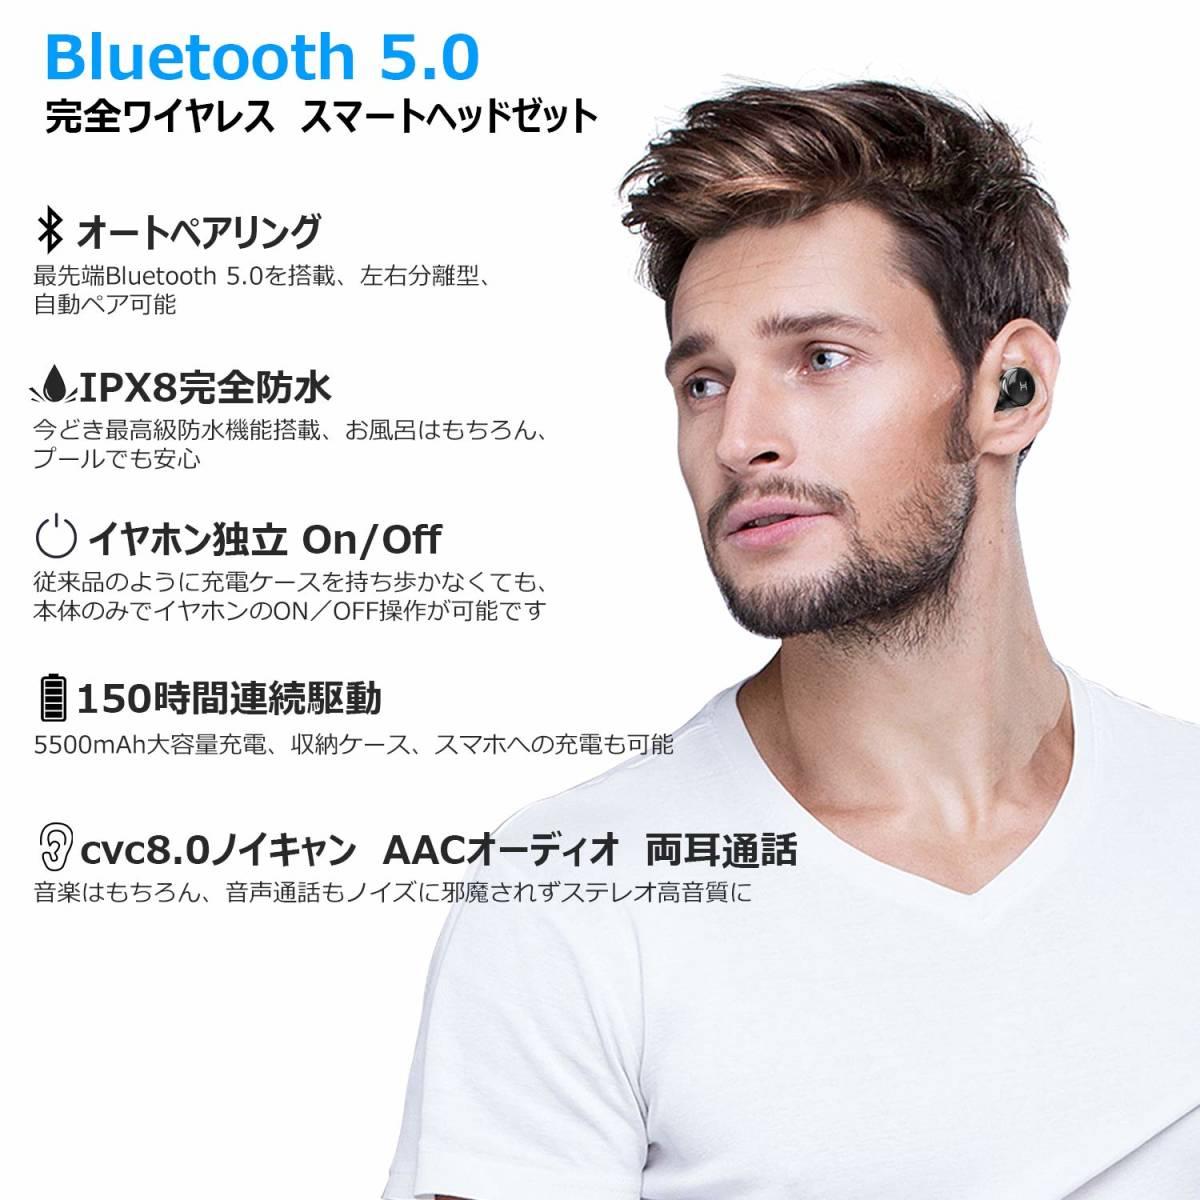 O420 新品 完全ワイヤレスイヤホン Bluetooth イヤホン イヤフォン ワイヤレスイヤホン IPX8 Bluetooth5.0 iPhone Android 対応 おすすめ_画像3